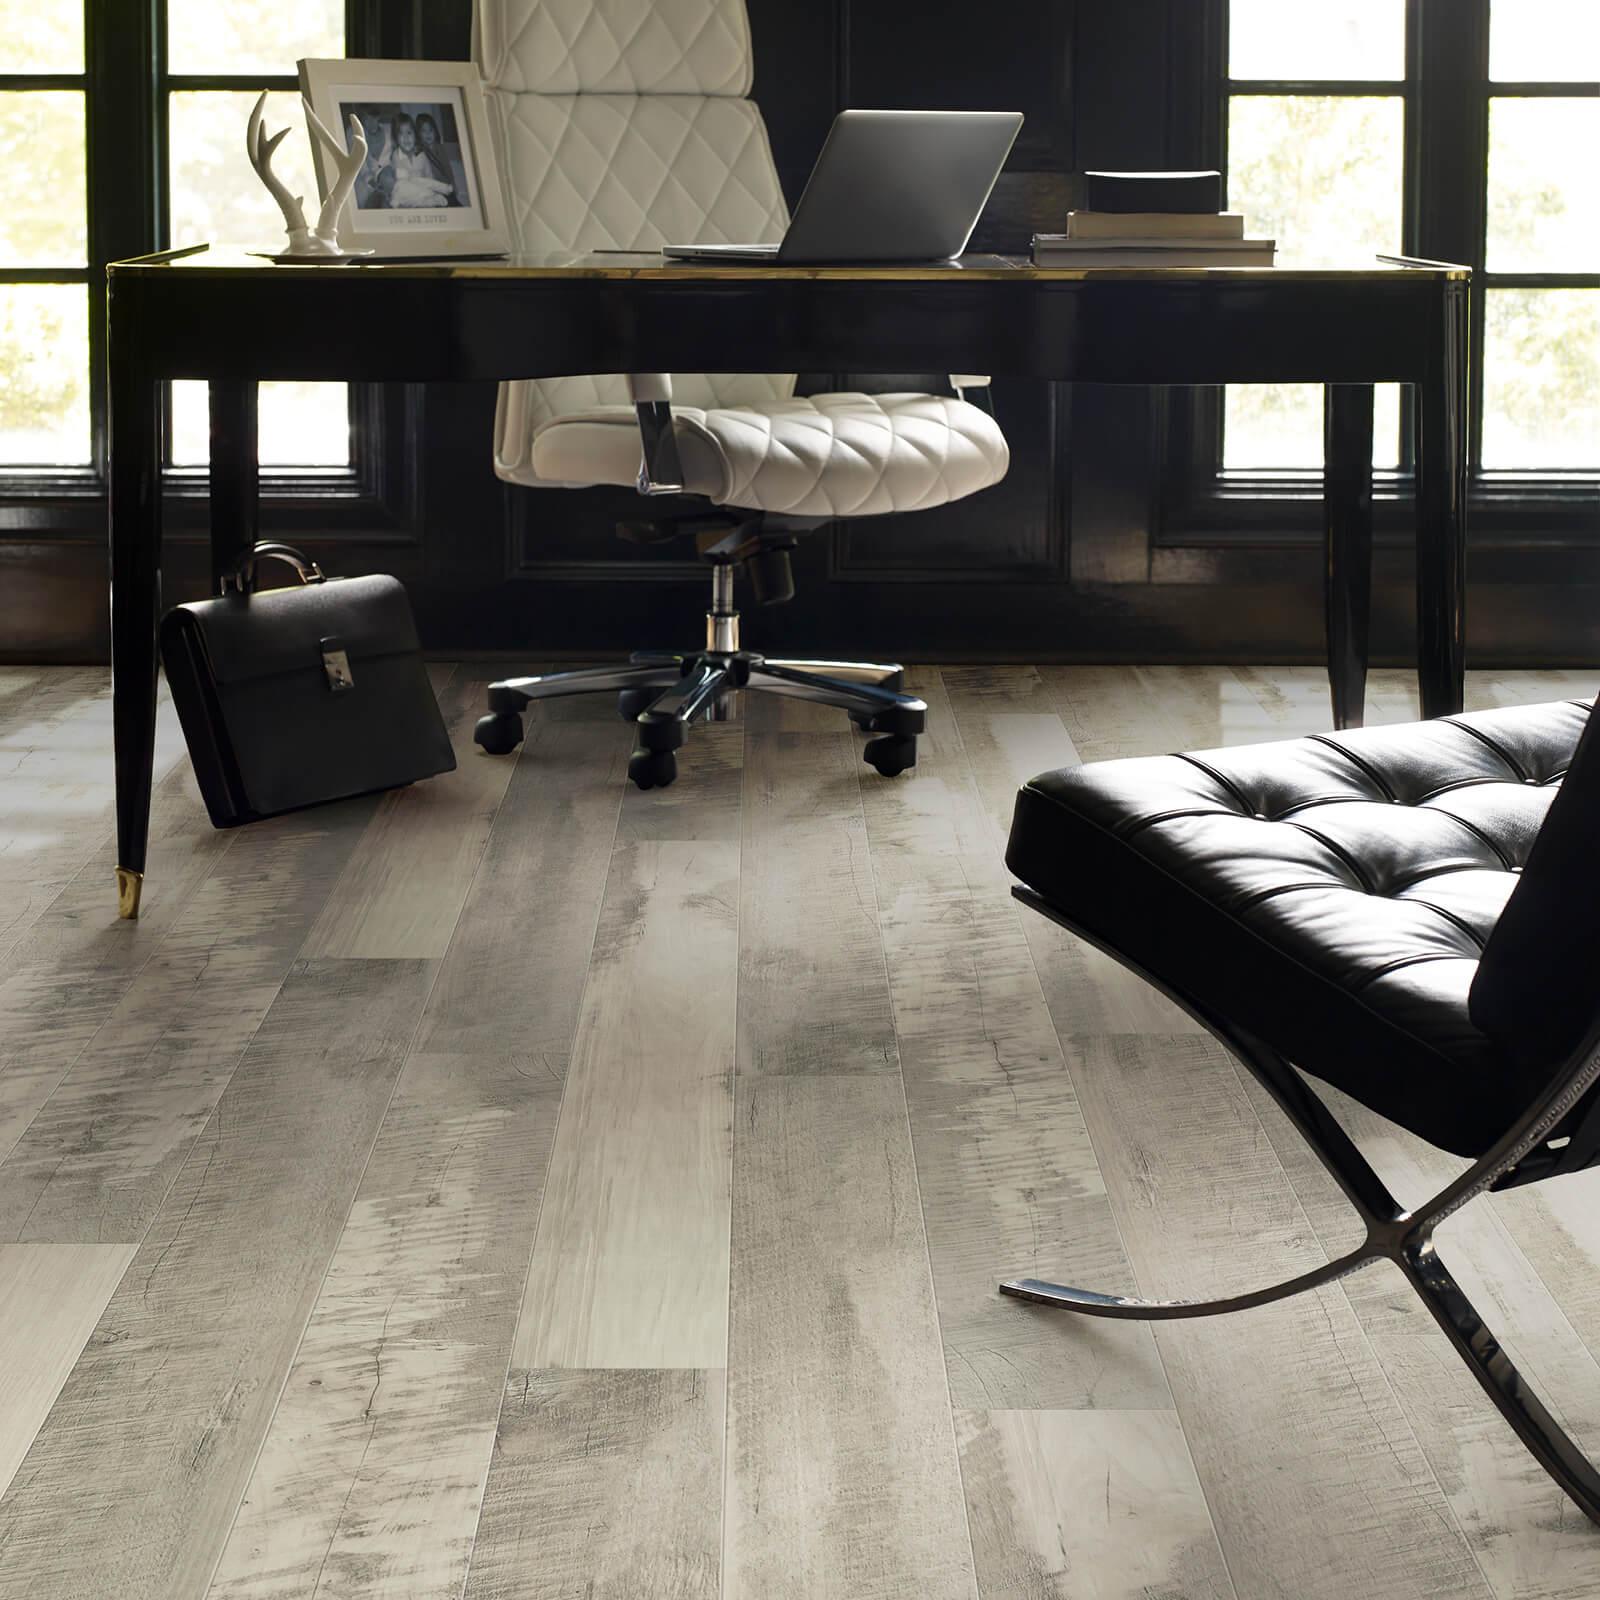 Study room | McSwain Carpet & Floors